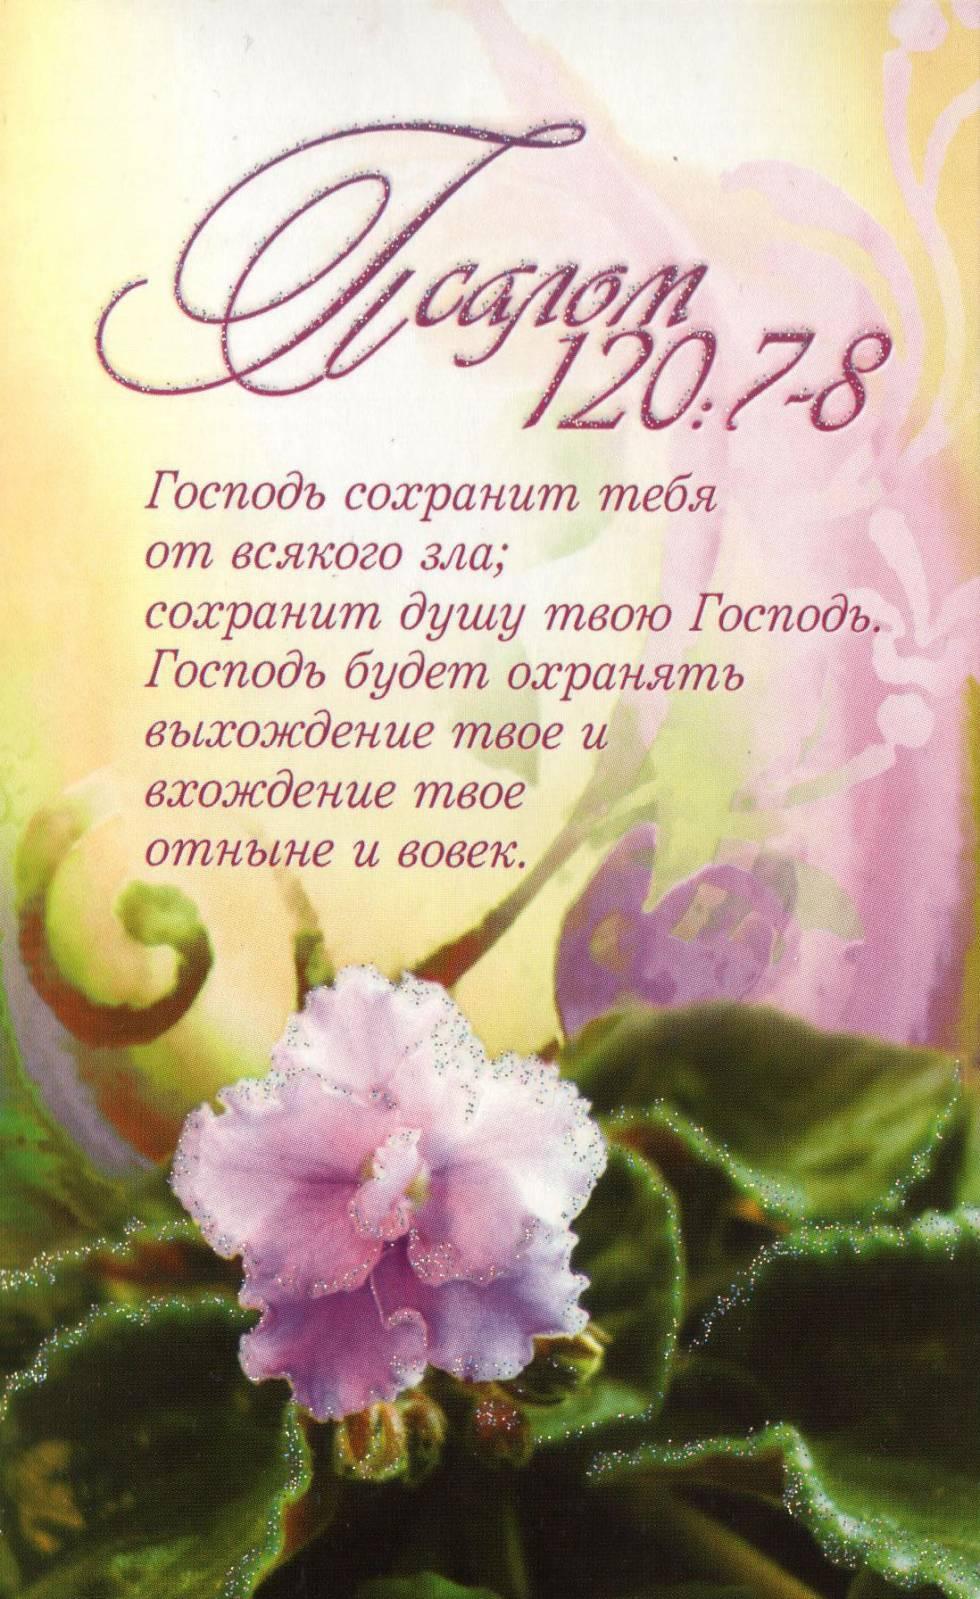 Христианские поздравление для женщин